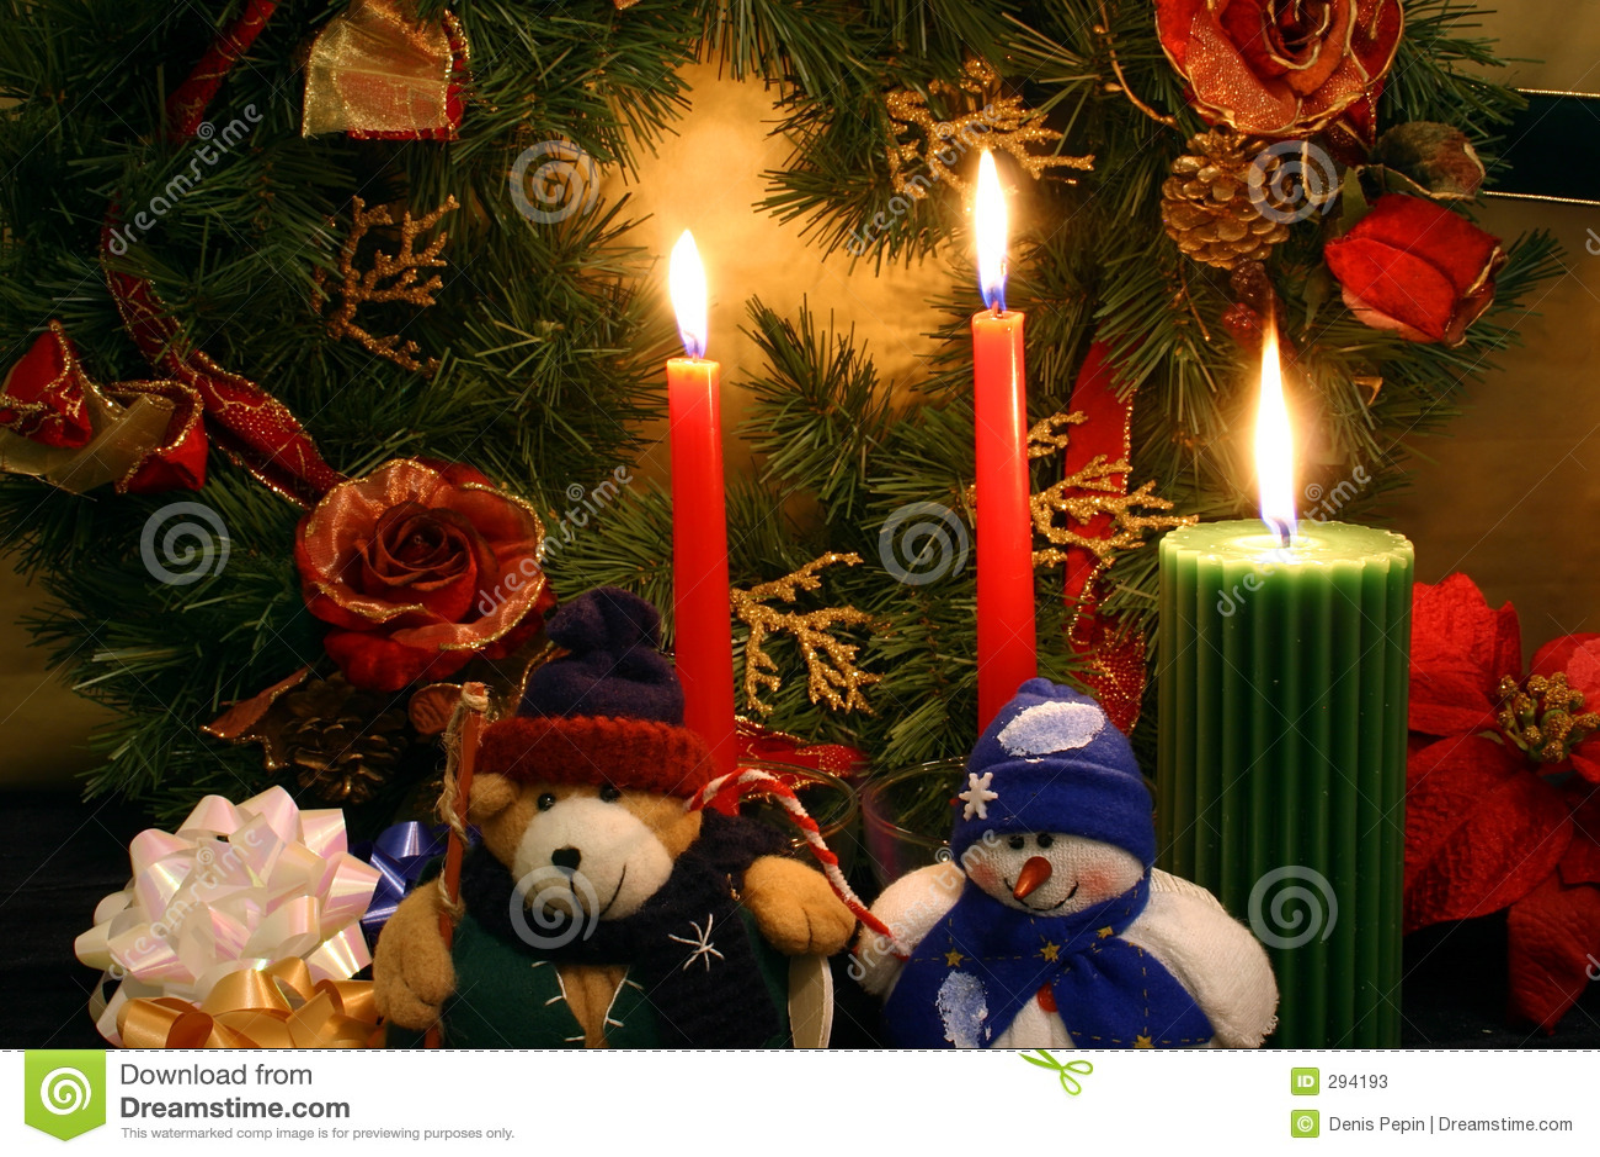 Im Weihnachtsspiritus, in einem angefüllten Teddybären und in einem angefüllten Schneemann